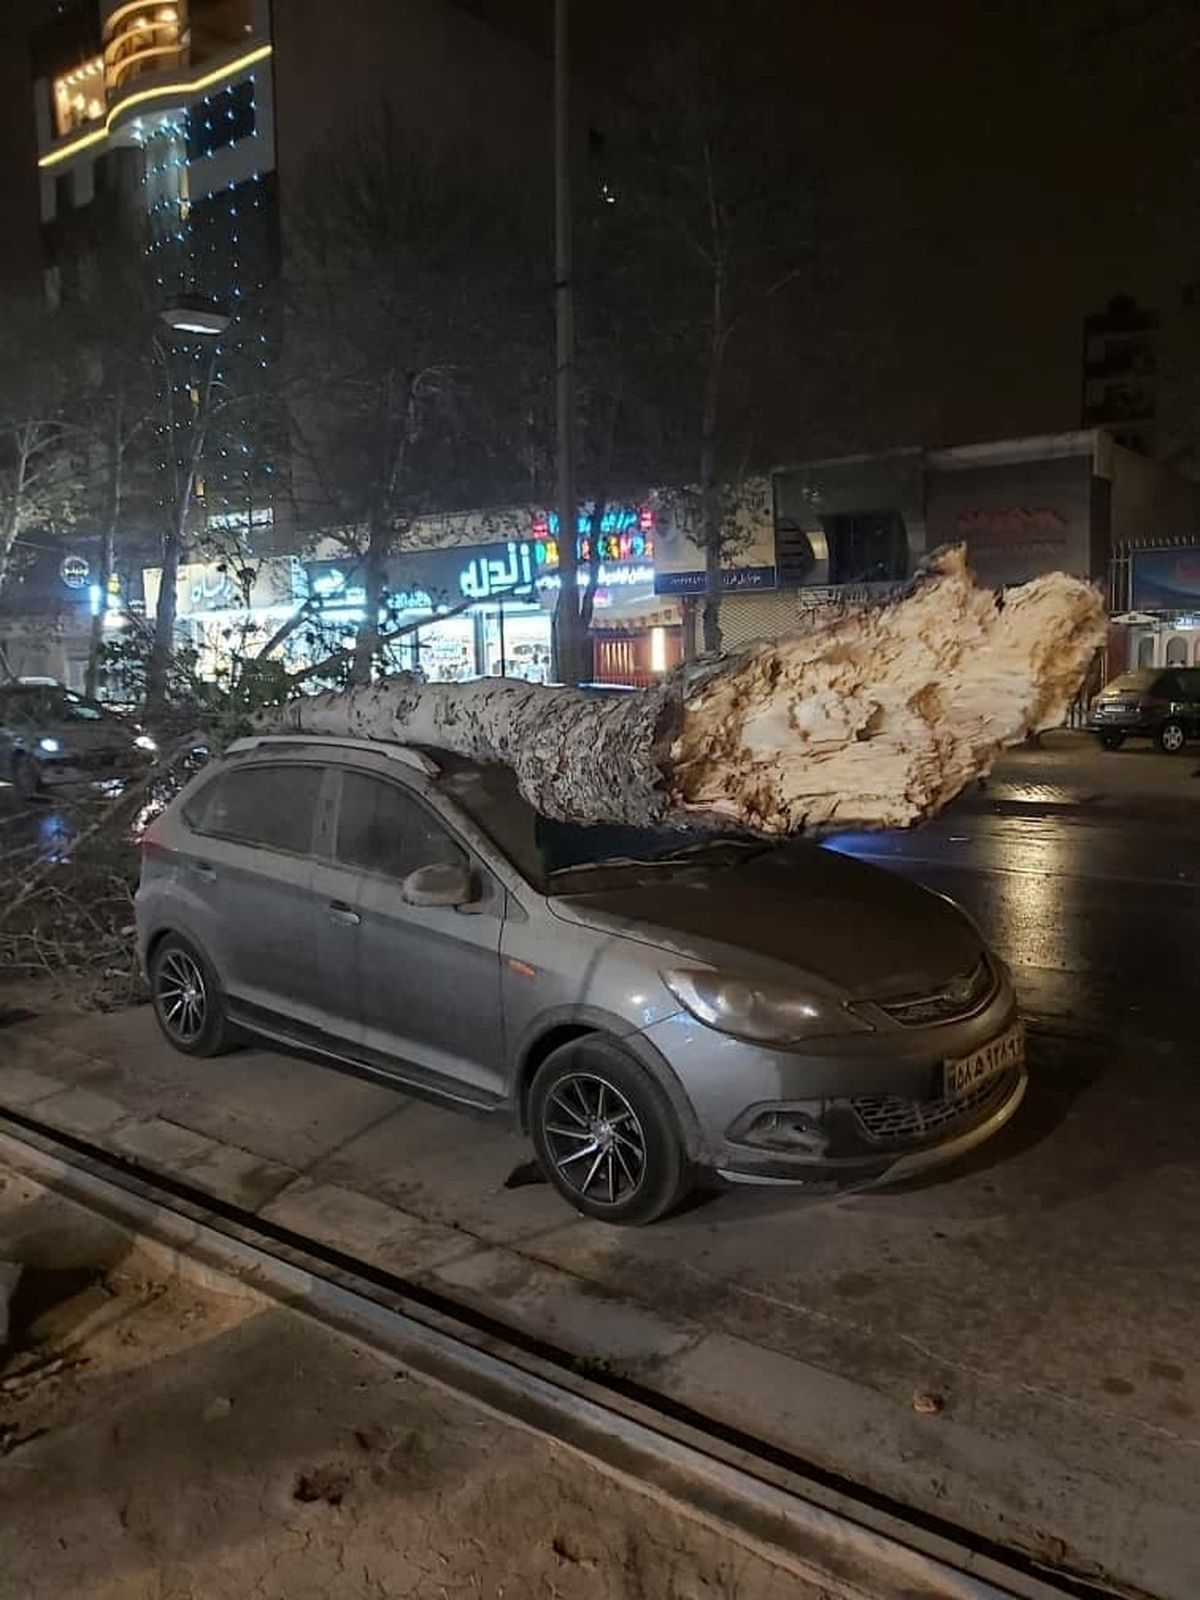 طوفان، شیراز را خاکی کرد/ مصدومیت۱۸نفر بر اثر تندباد+فیلم